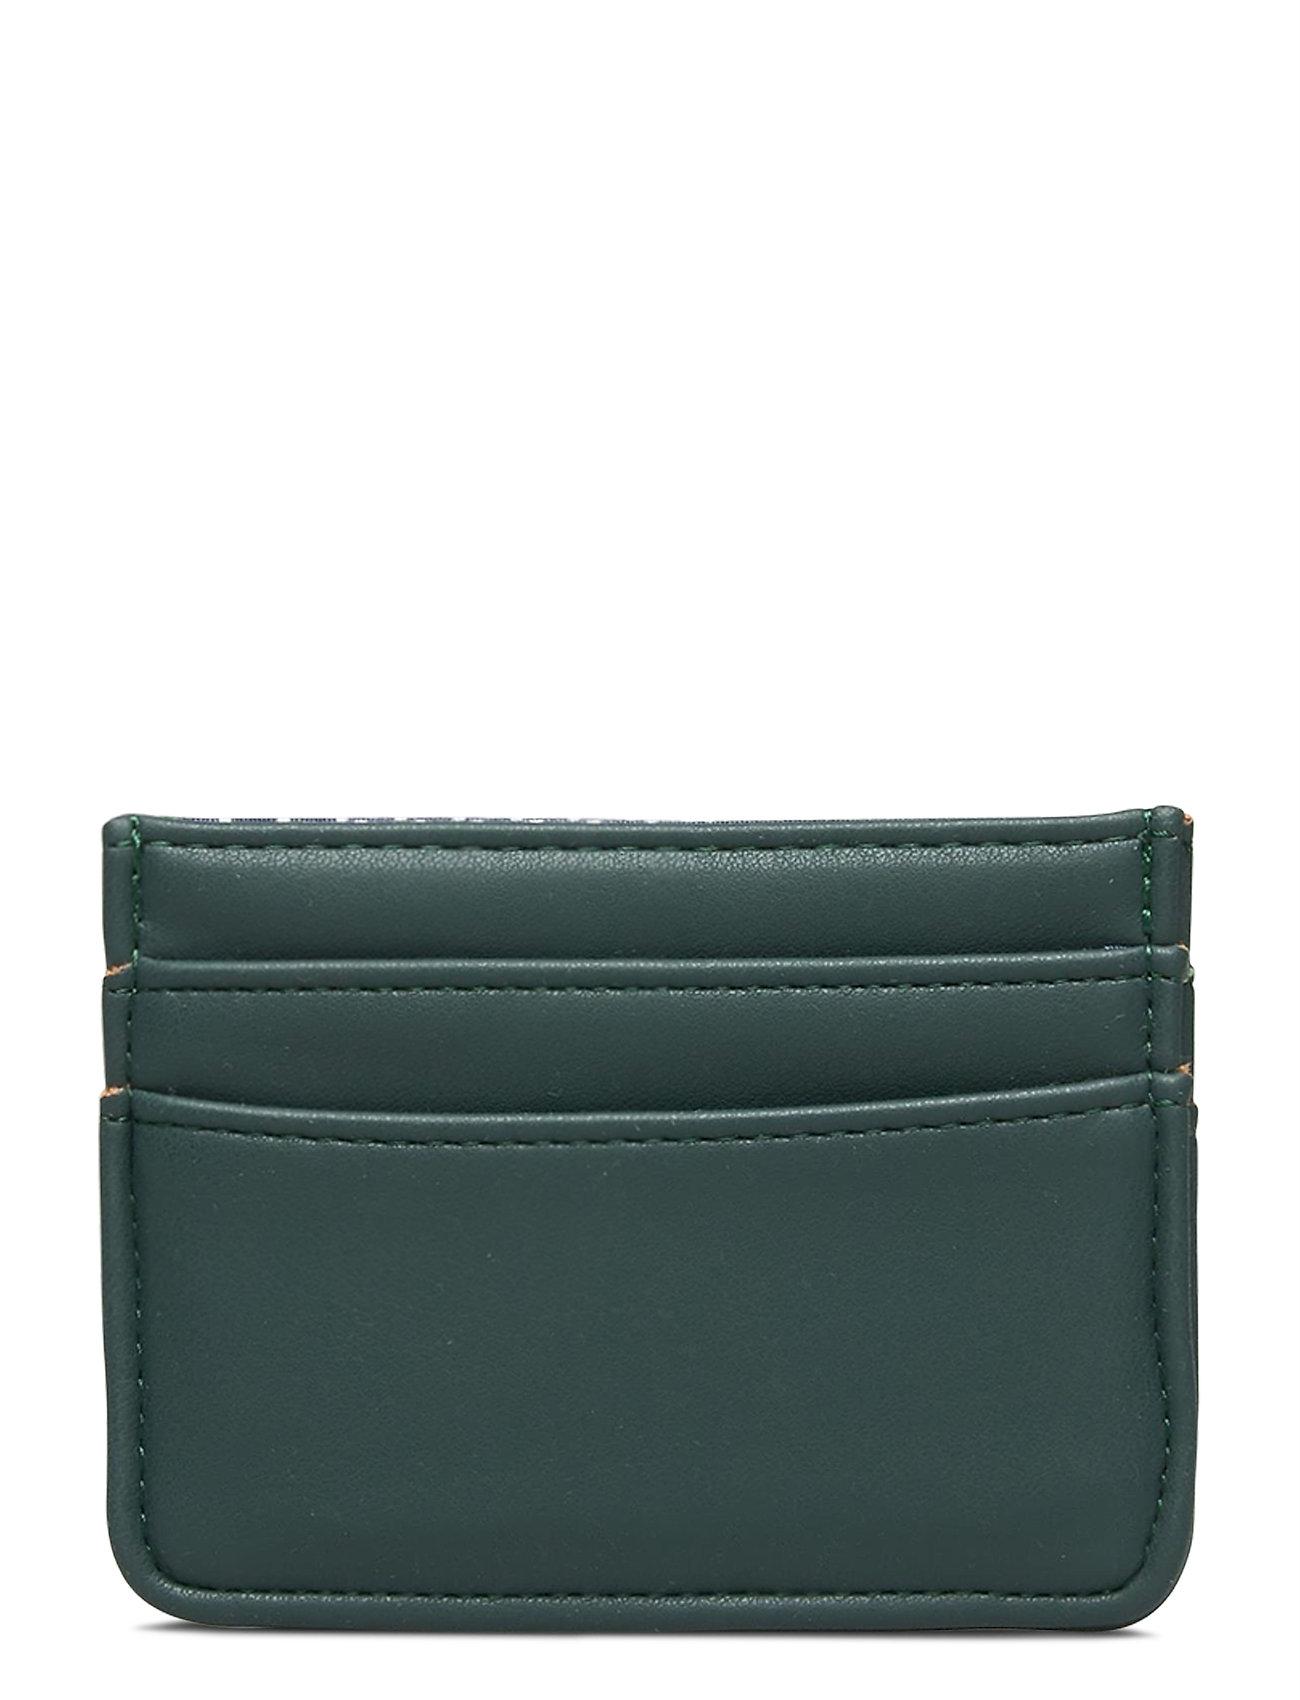 Image of Card Holder Soft Bags Card Holders & Wallets Card Holder Grøn Hvisk (3439673383)